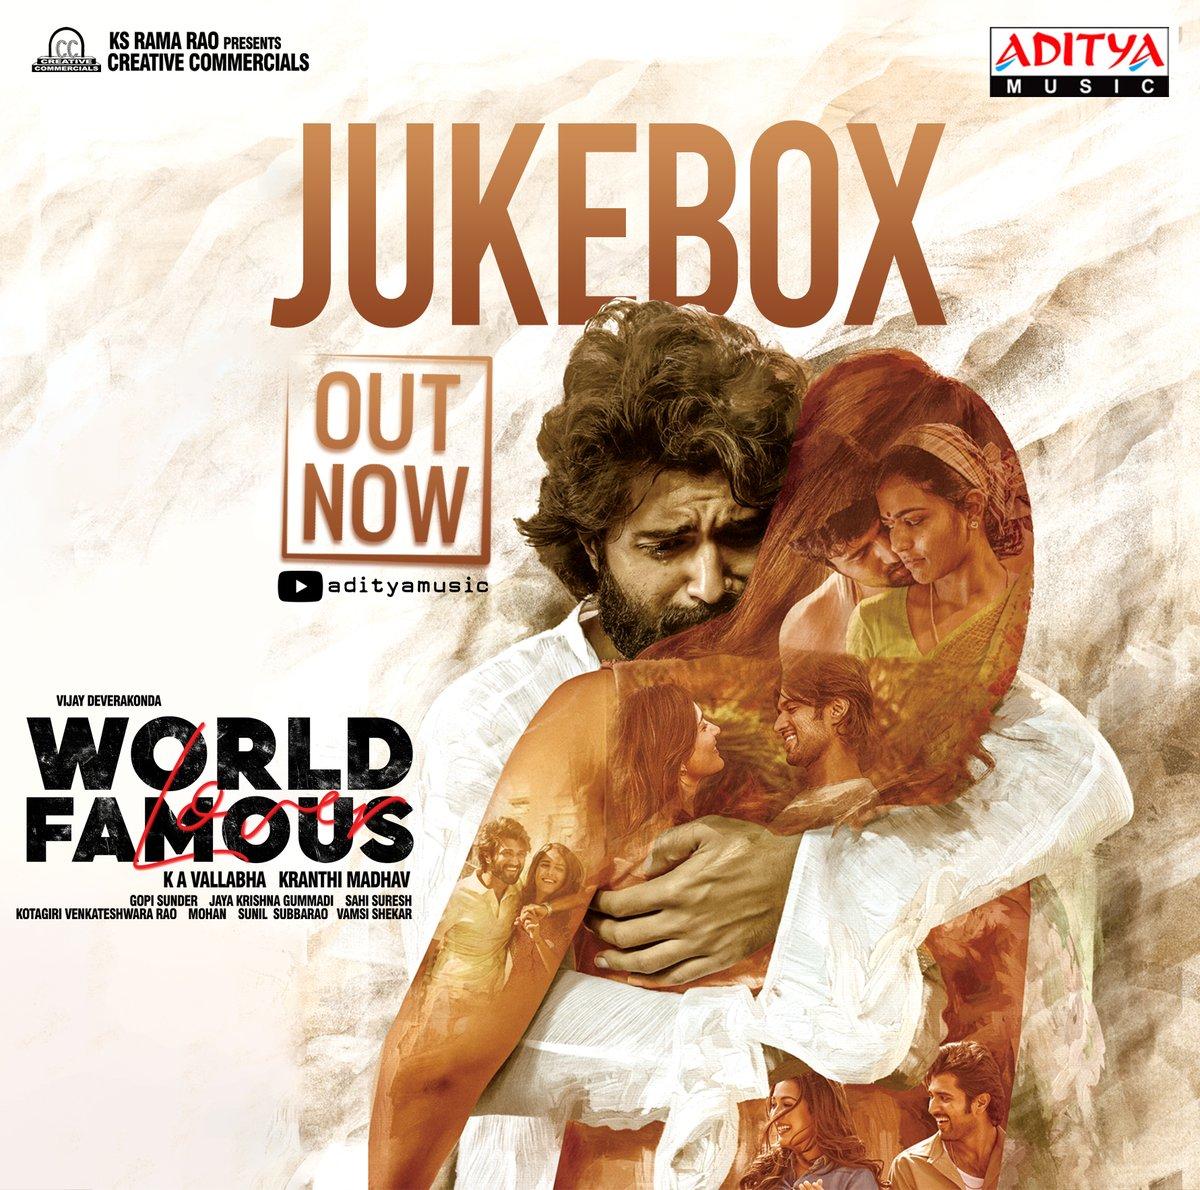 Here We Go, #WorldFamousLover Audio Jukebox Out Now  #WorldFamousLoverJukebox 🎧►    A @GopiSundarOffl Musical 🎼  @TheDeverakonda @RaashiKhanna @CatherineTresa1 @izabelleleite25 @aishu_dil @ksramarao45 #Kranthimadhav  @sahisuresh #KAVallabha @CCMediaEnt